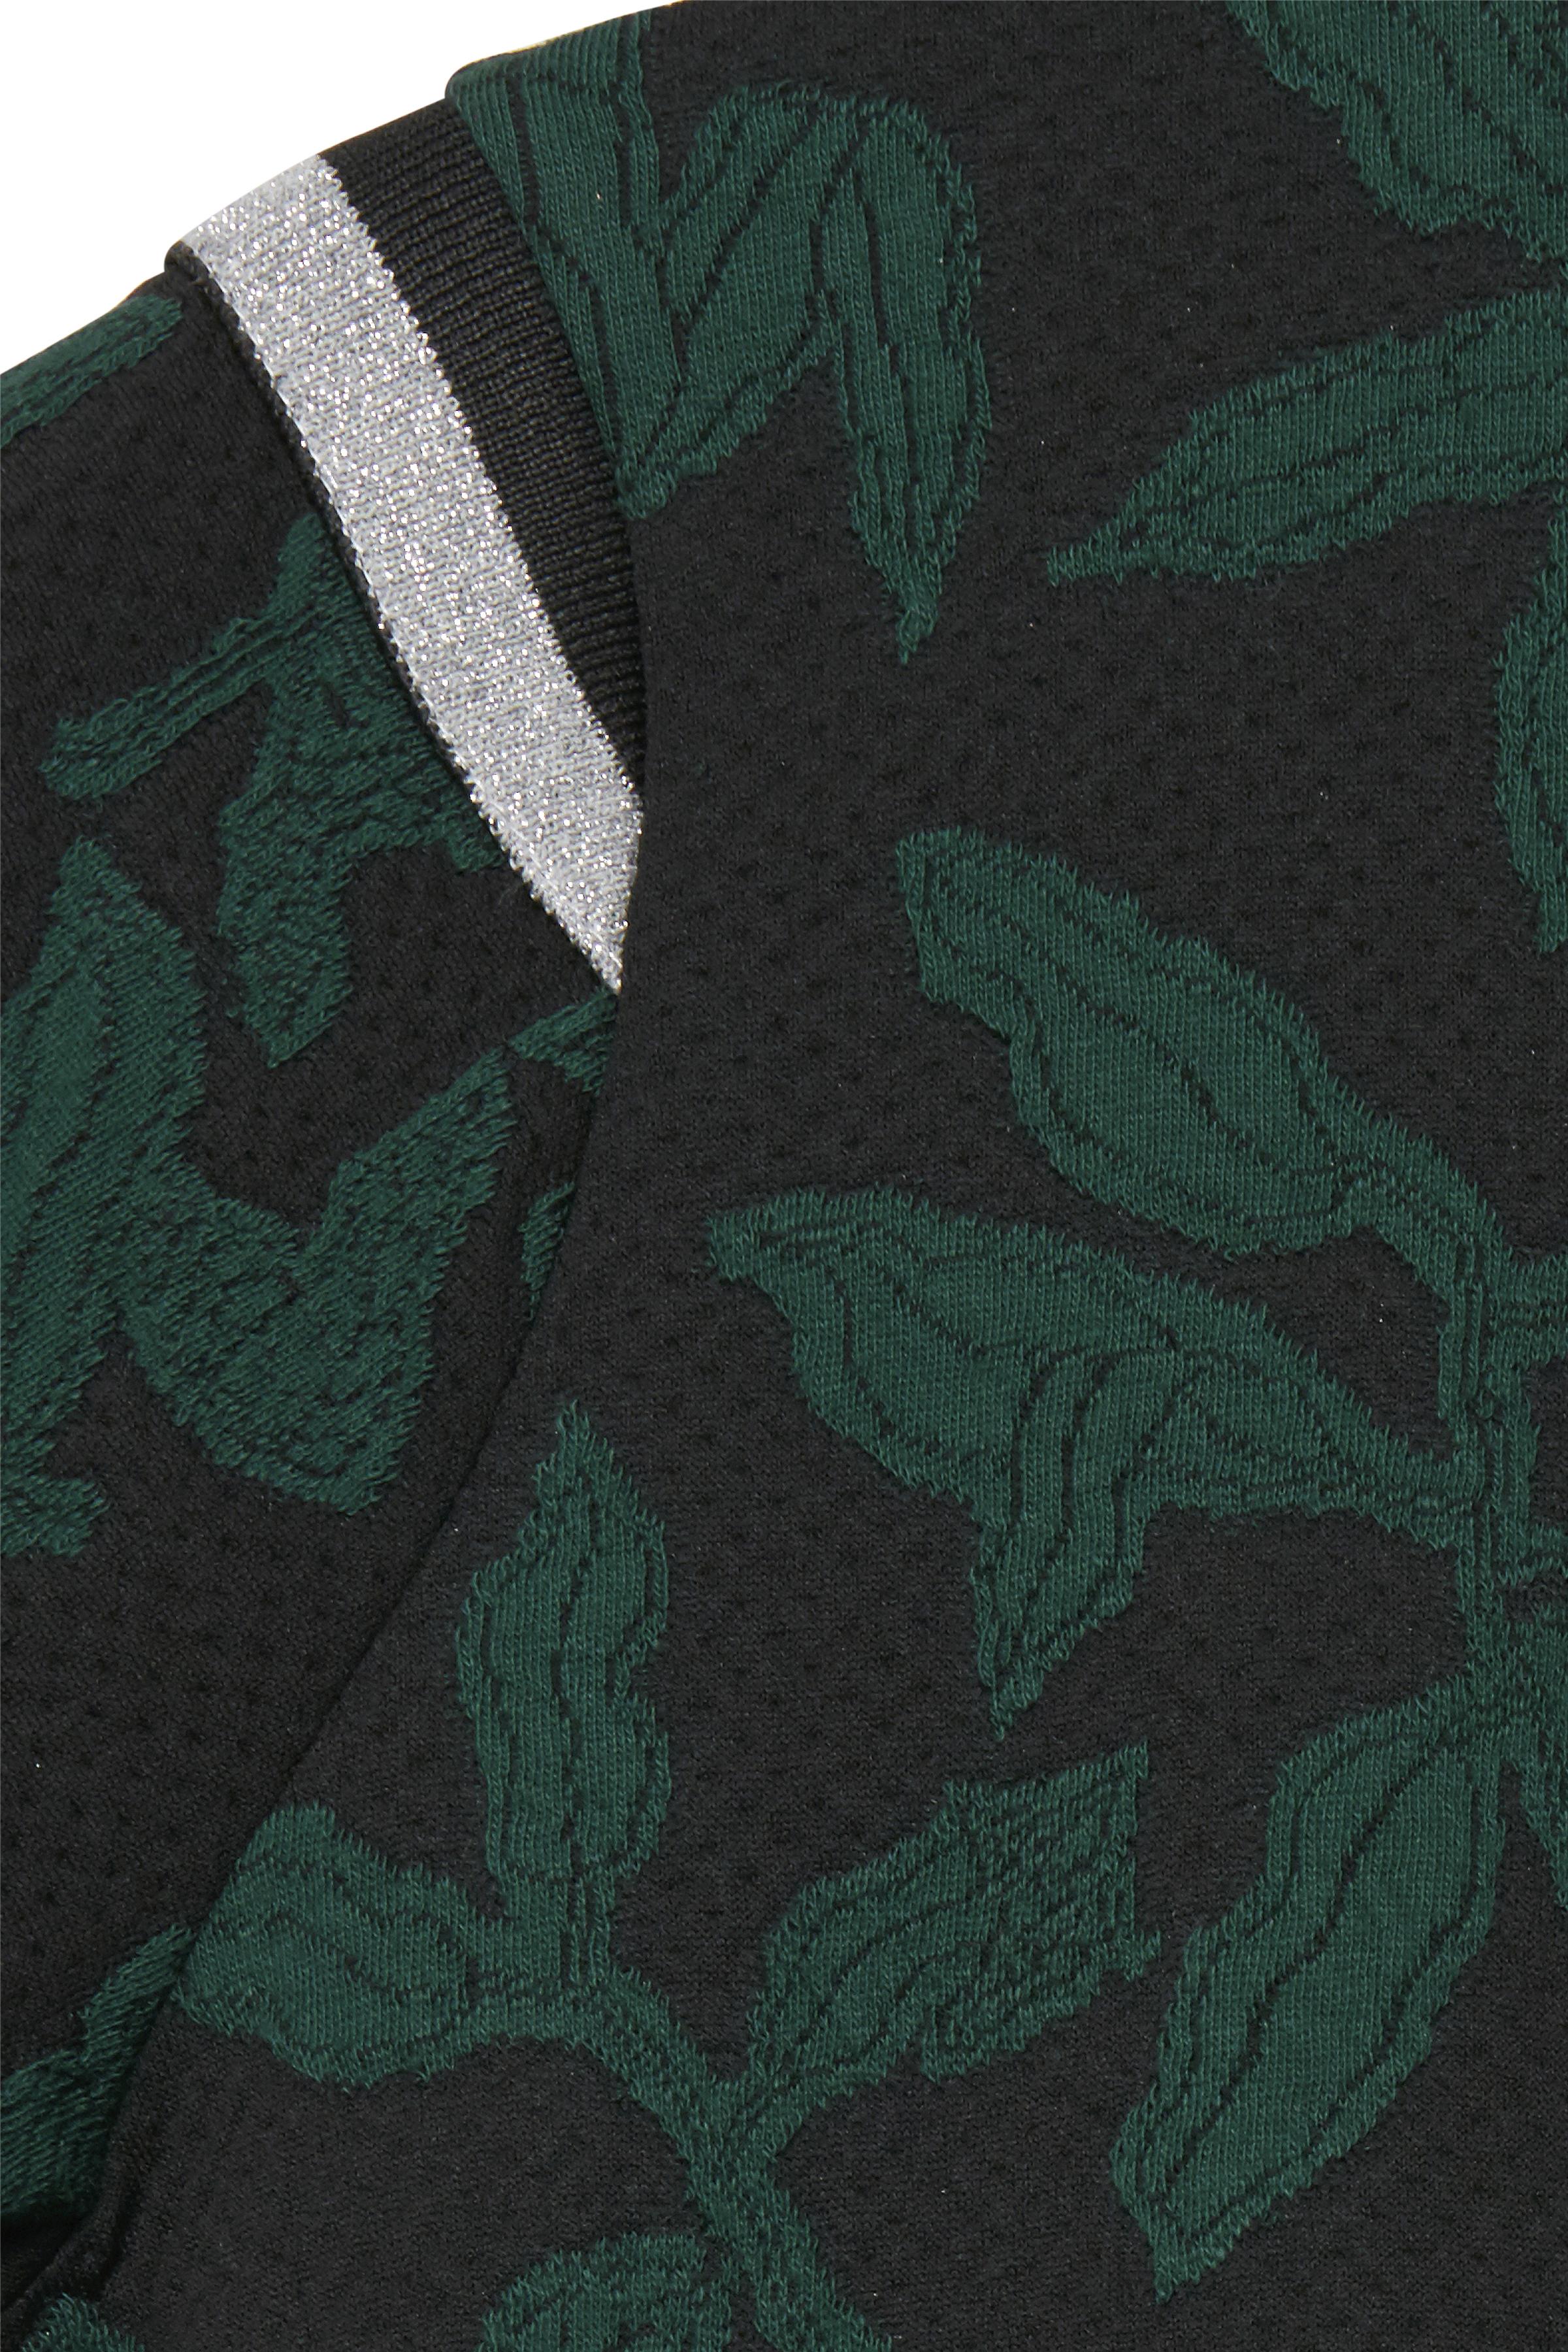 Svart/buteljgrön Klänning från Dranella – Köp Svart/buteljgrön Klänning från stl. XS-XXL här